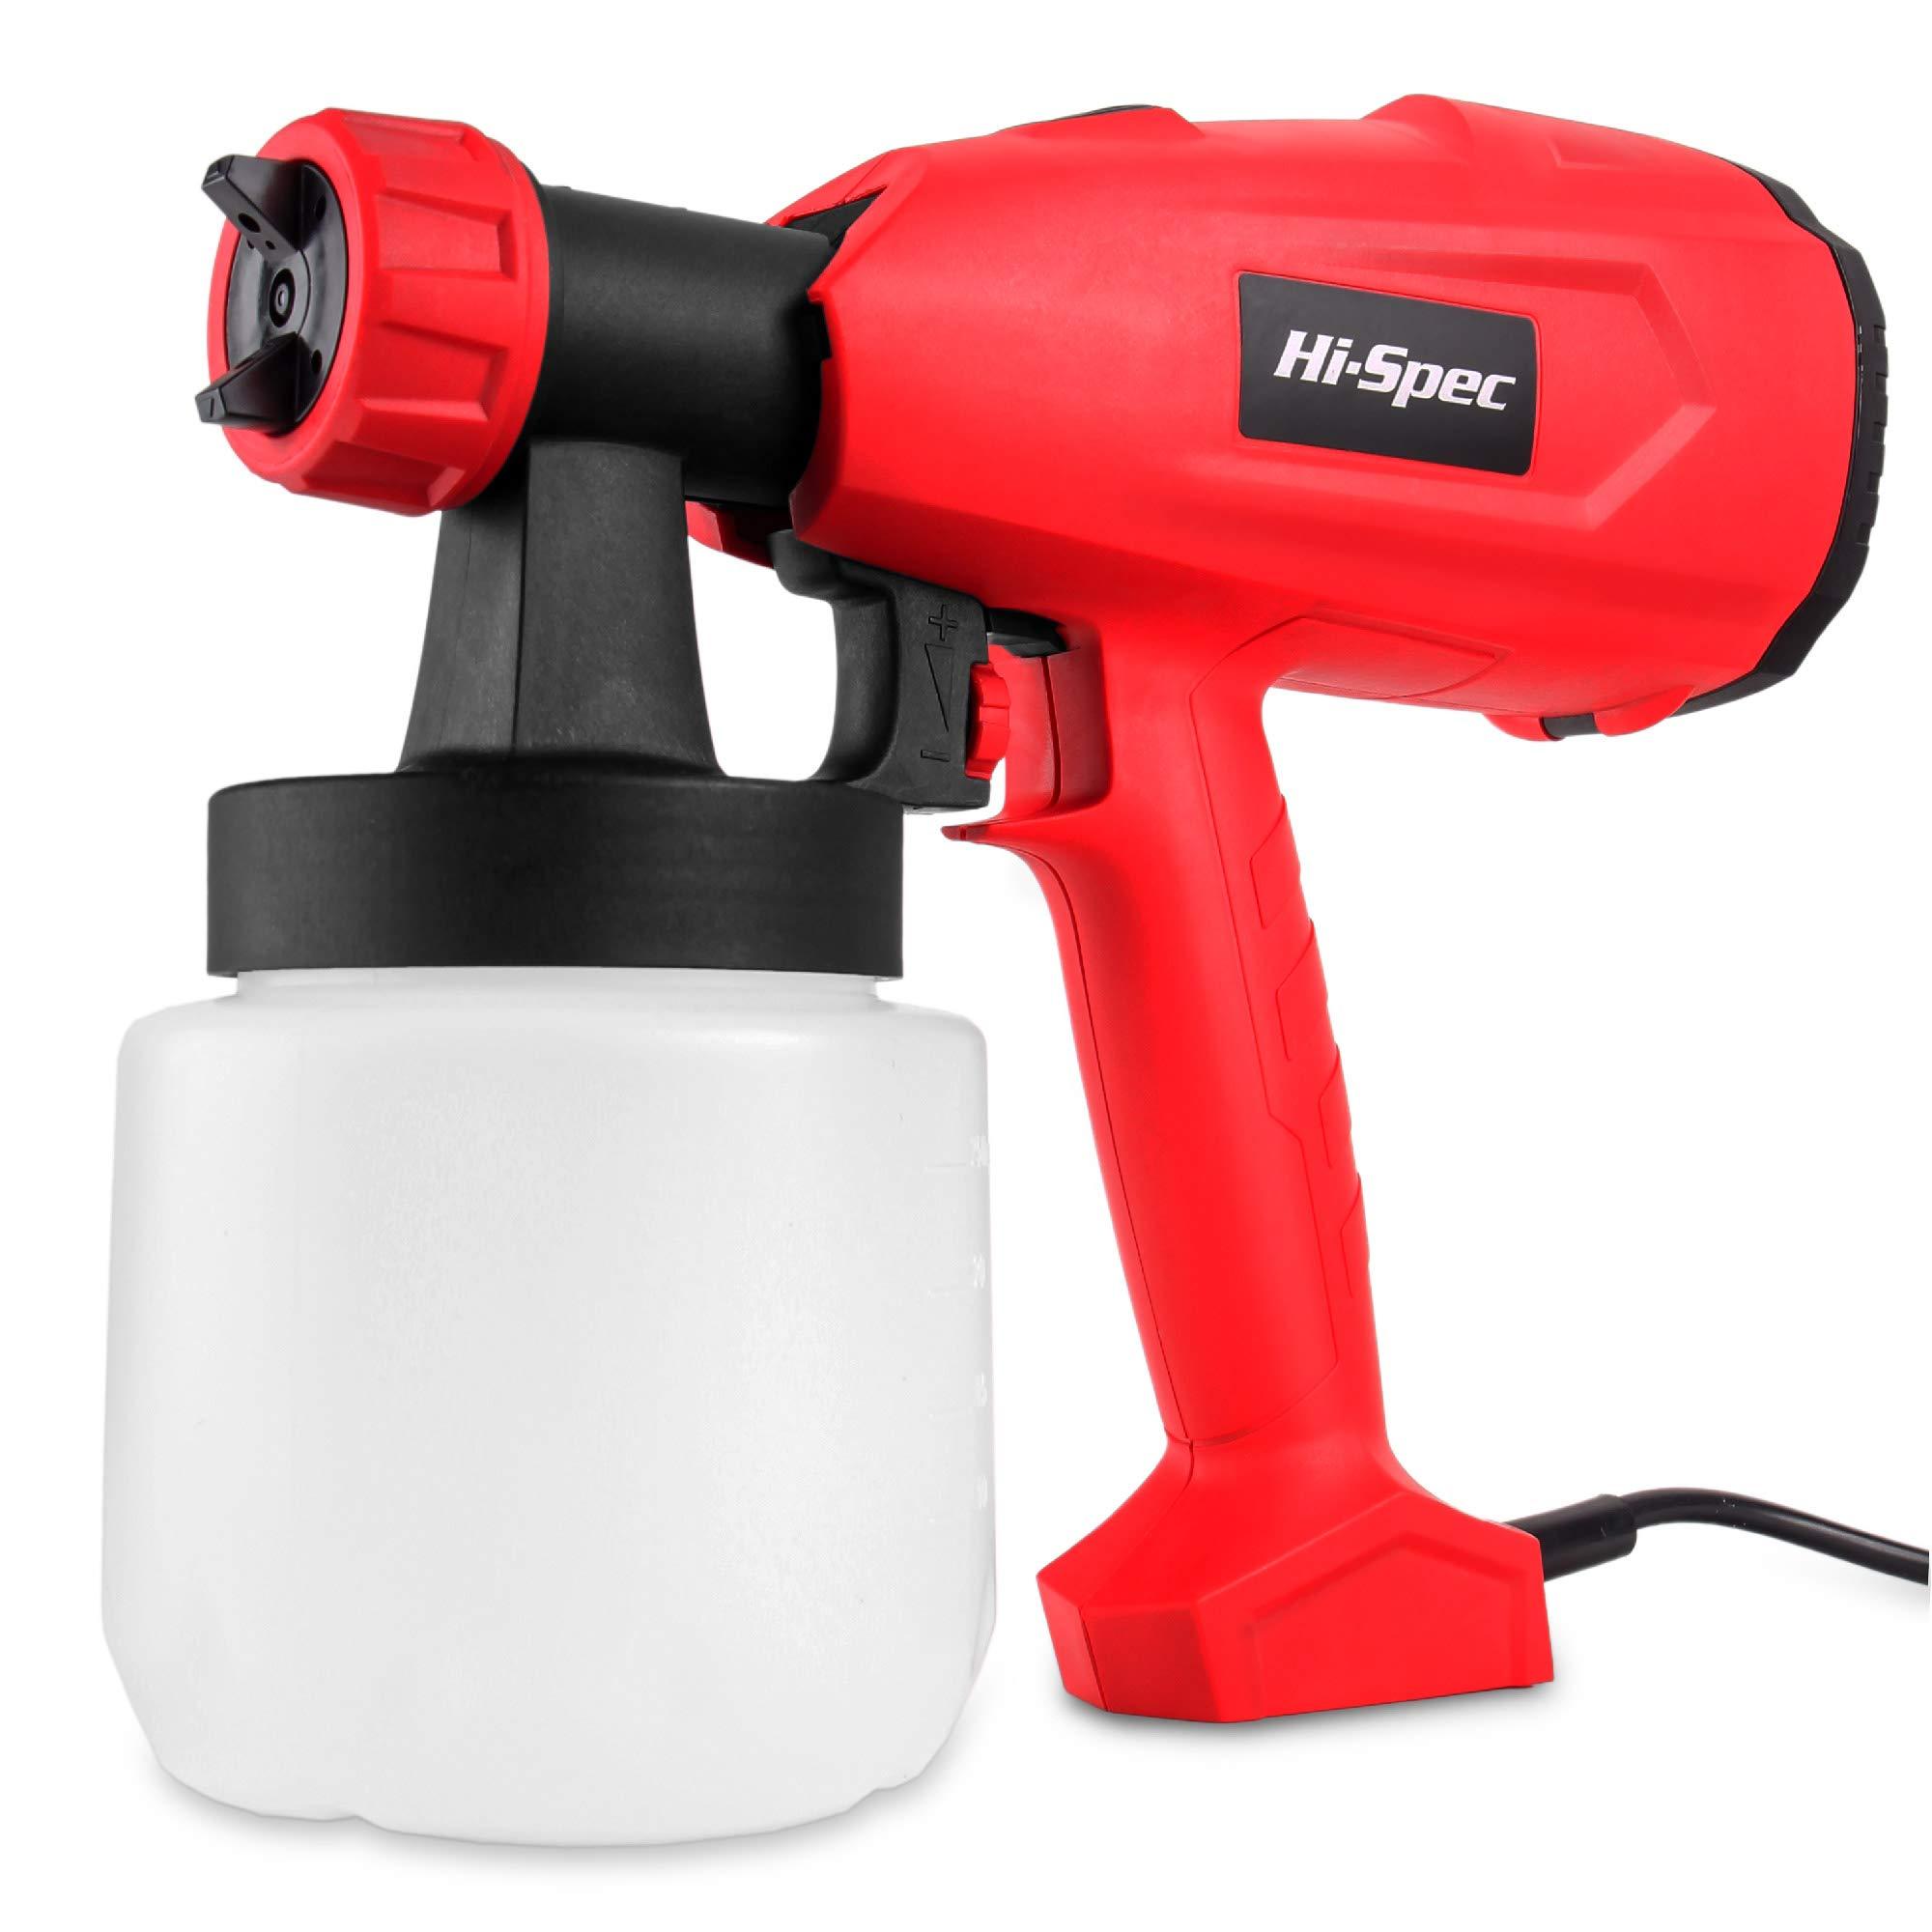 Hi Spec 2 2a Electric Paint Hvlp Spray Gun With 27fl Oz Paint